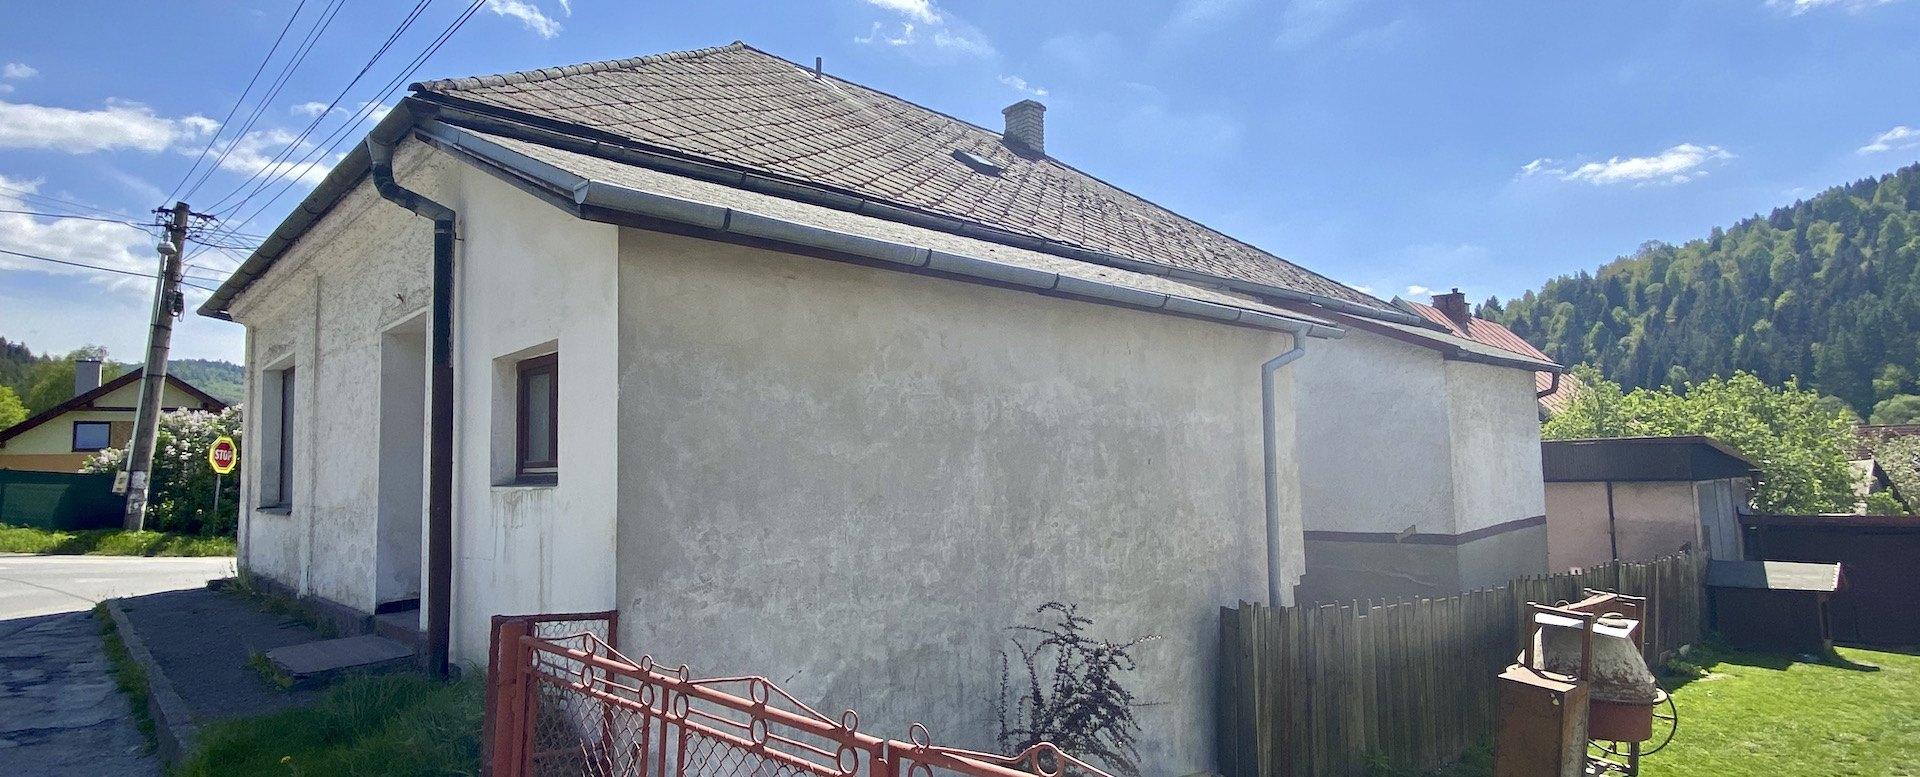 Dom pohľad z bočnej strany